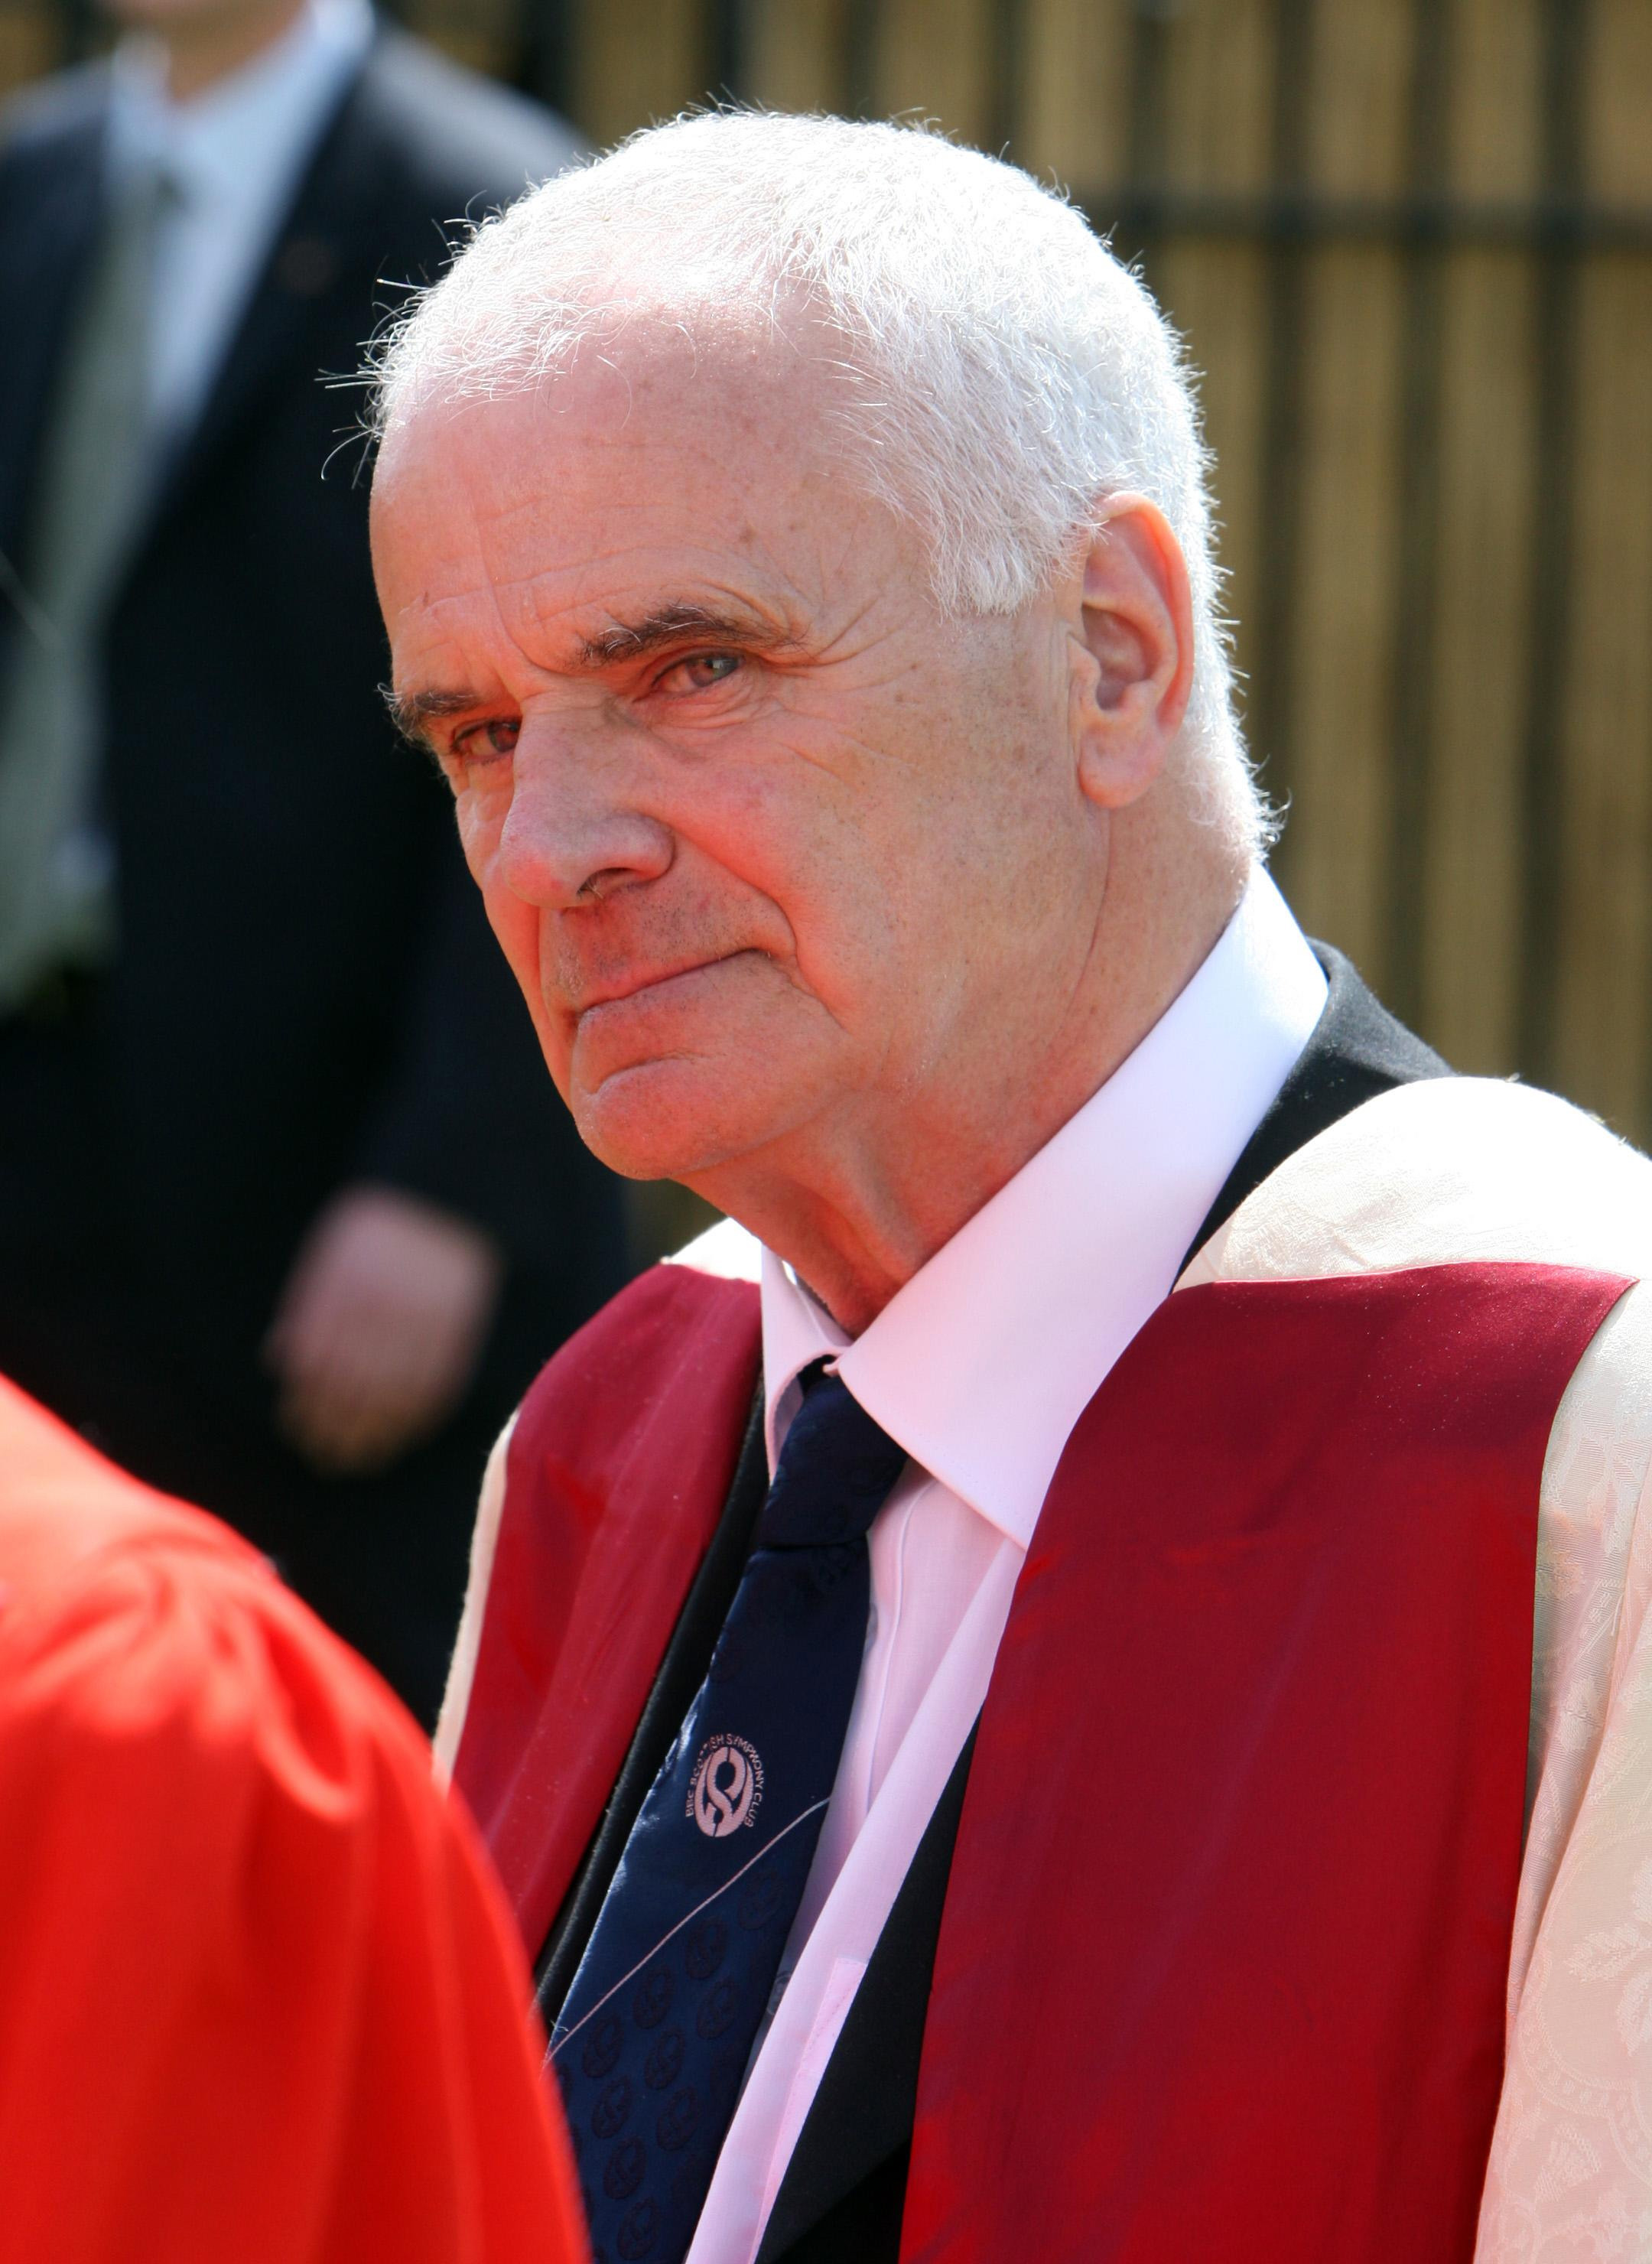 Peter Maxwell Davies